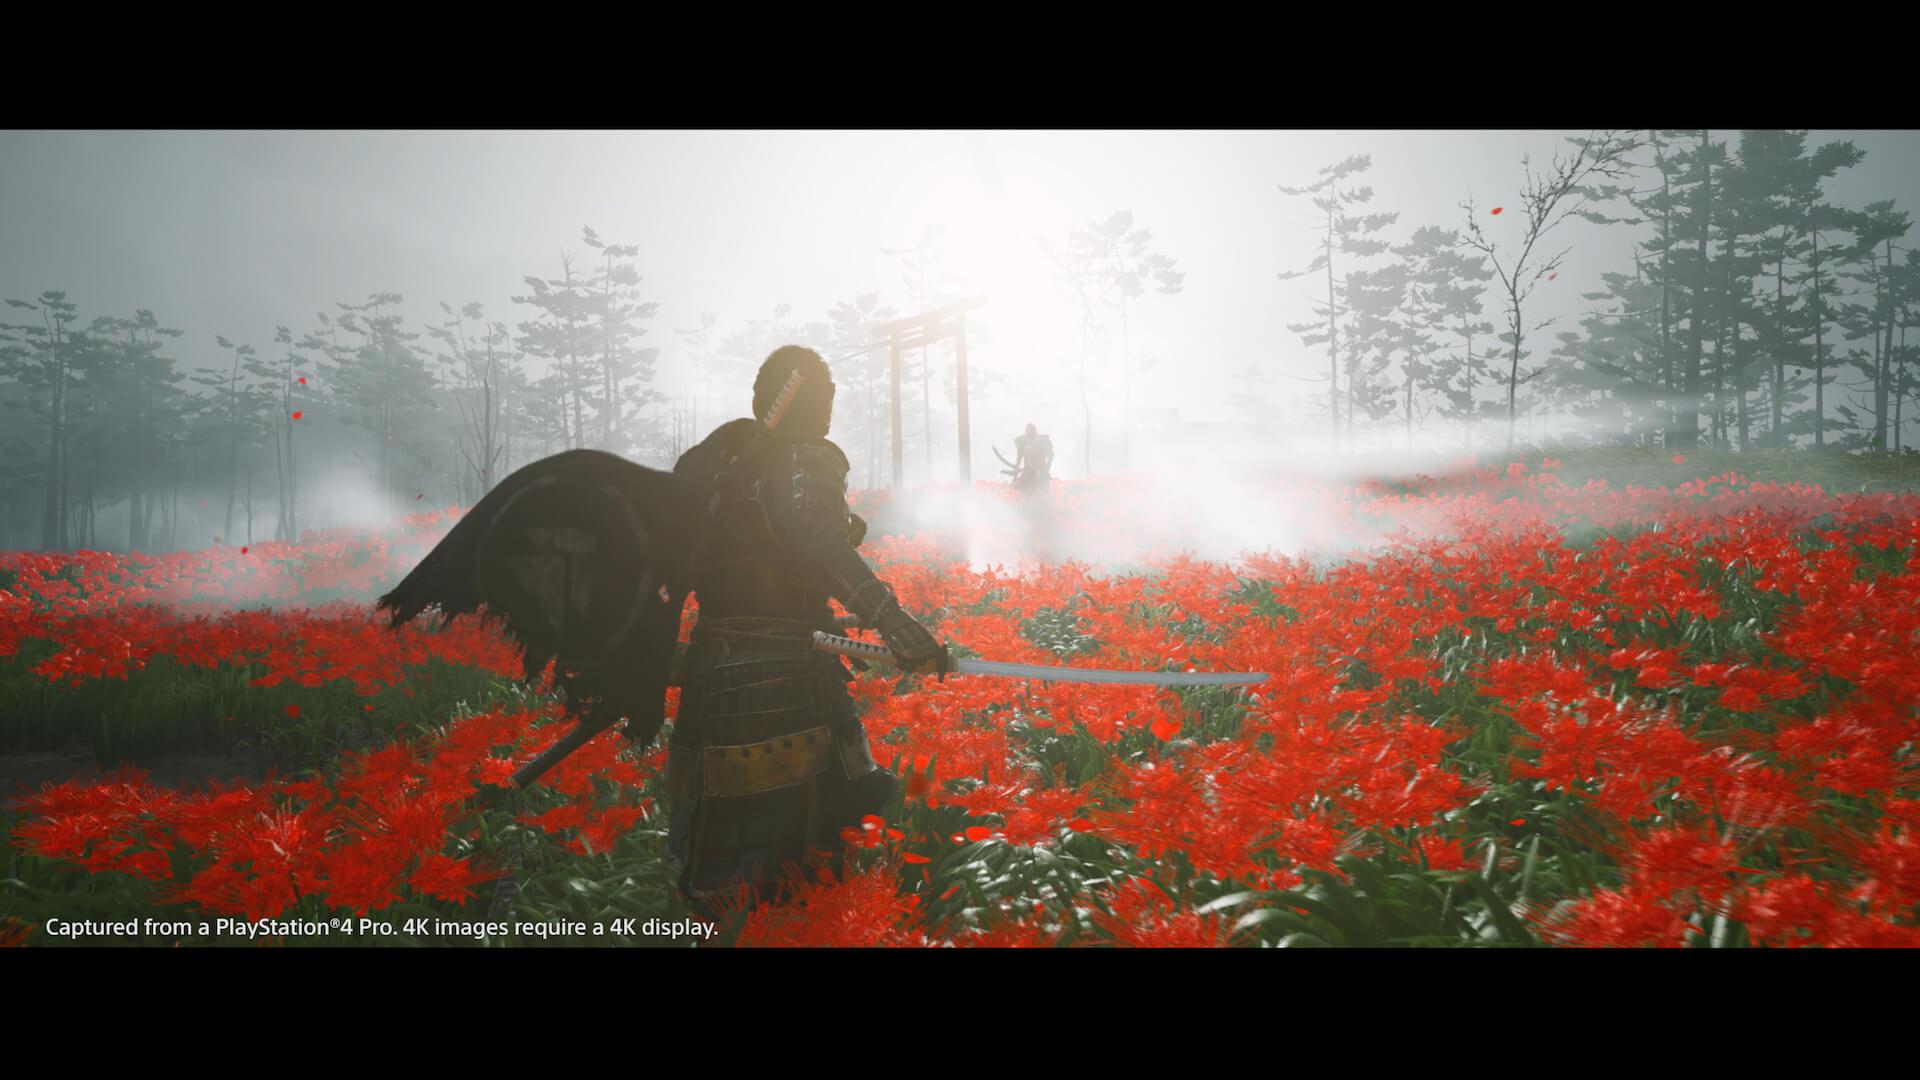 新感覚のオープンワールド時代劇を体感せよ!PS4専用ソフト『Ghost of Tsushima』がついに本日発売 tech200717_ghostoftsushima_14